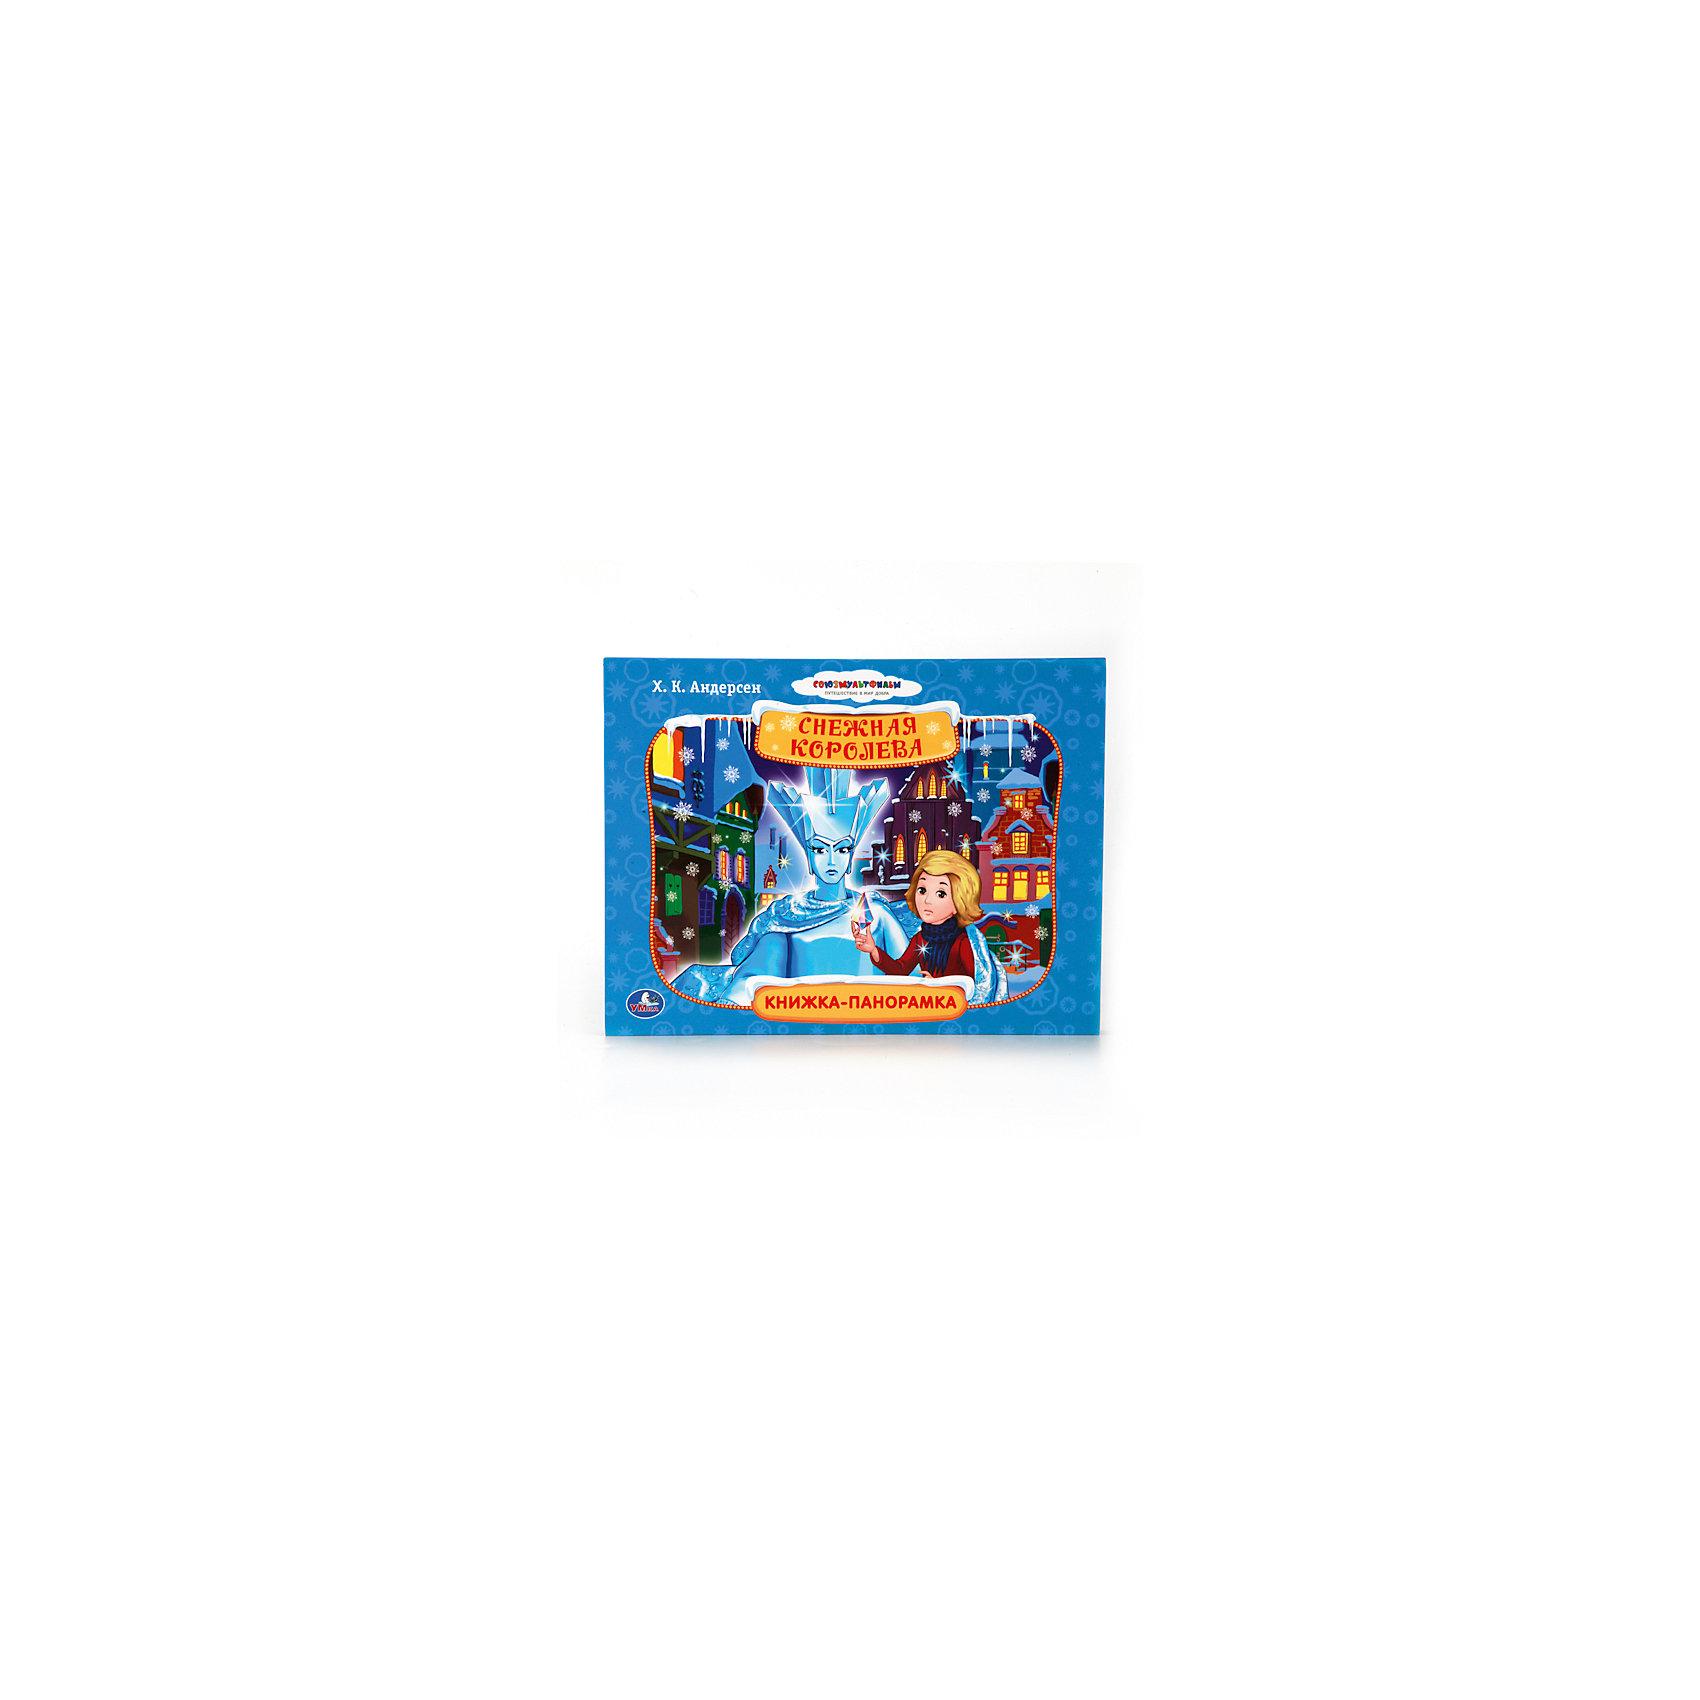 Книжка-панорамка Снежная королеваПервые книги малыша<br>Характеристики товара:<br><br>• размер: 26x20 см<br>• материал: картон<br>• страниц: 12<br>• возраст: 0+<br>• обложка: твердая<br>• цветные иллюстрации<br>• страна бренда: РФ<br>• страна изготовитель: РФ<br><br>Сказки и стихи не только развлекают малышей, они помогают учиться и познавать мир! Такая книжка станет отличным подарком ребенку и родителям - ведь с помощью неё можно учиться добру и рассматривать картинки. Формат - очень удобный, качество печати - отличное! Книжка дополнена яркими картинками. Книжки-панорамки особенно нравятся малышам.<br>Чтение даже в юном возрасте помогает детям развивать важные навыки и способности, оно активизирует мышление, формирует усидчивость, логику и воображение. Изделие производится из качественных и проверенных материалов, которые безопасны для детей.<br><br>Книжку-панорамку Снежная королева от бренда Умка можно купить в нашем интернет-магазине.<br><br>Ширина мм: 15<br>Глубина мм: 260<br>Высота мм: 200<br>Вес г: 400<br>Возраст от месяцев: 24<br>Возраст до месяцев: 60<br>Пол: Женский<br>Возраст: Детский<br>SKU: 5196896